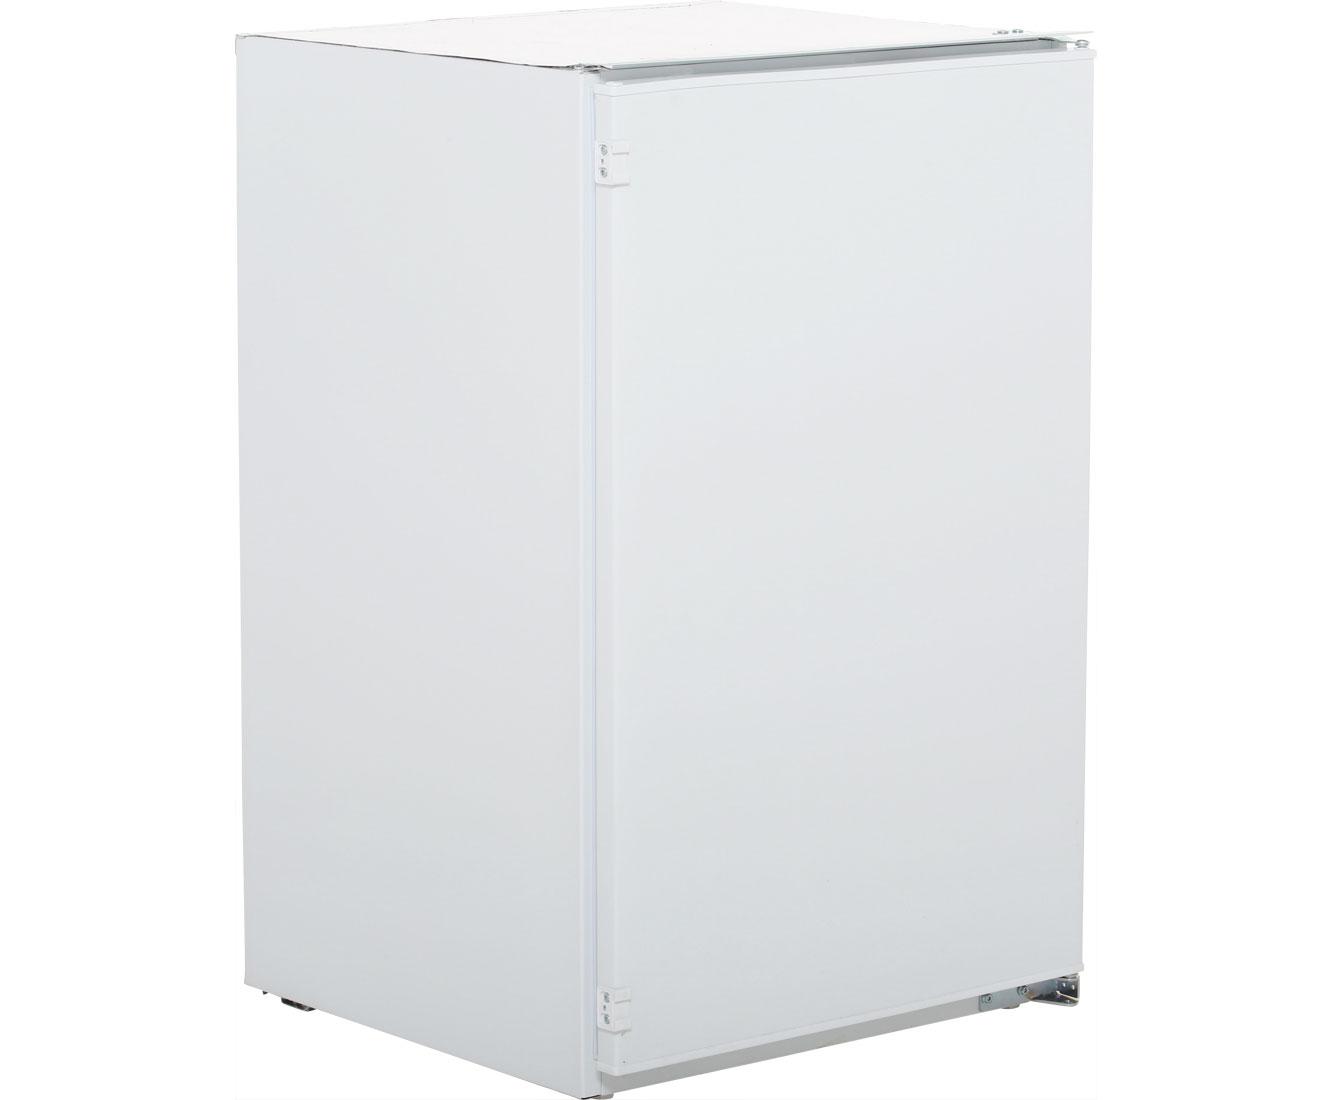 Amica Kühlschrank Weiß : Amica eks einbau kühlschrank mit gefrierfach er nische